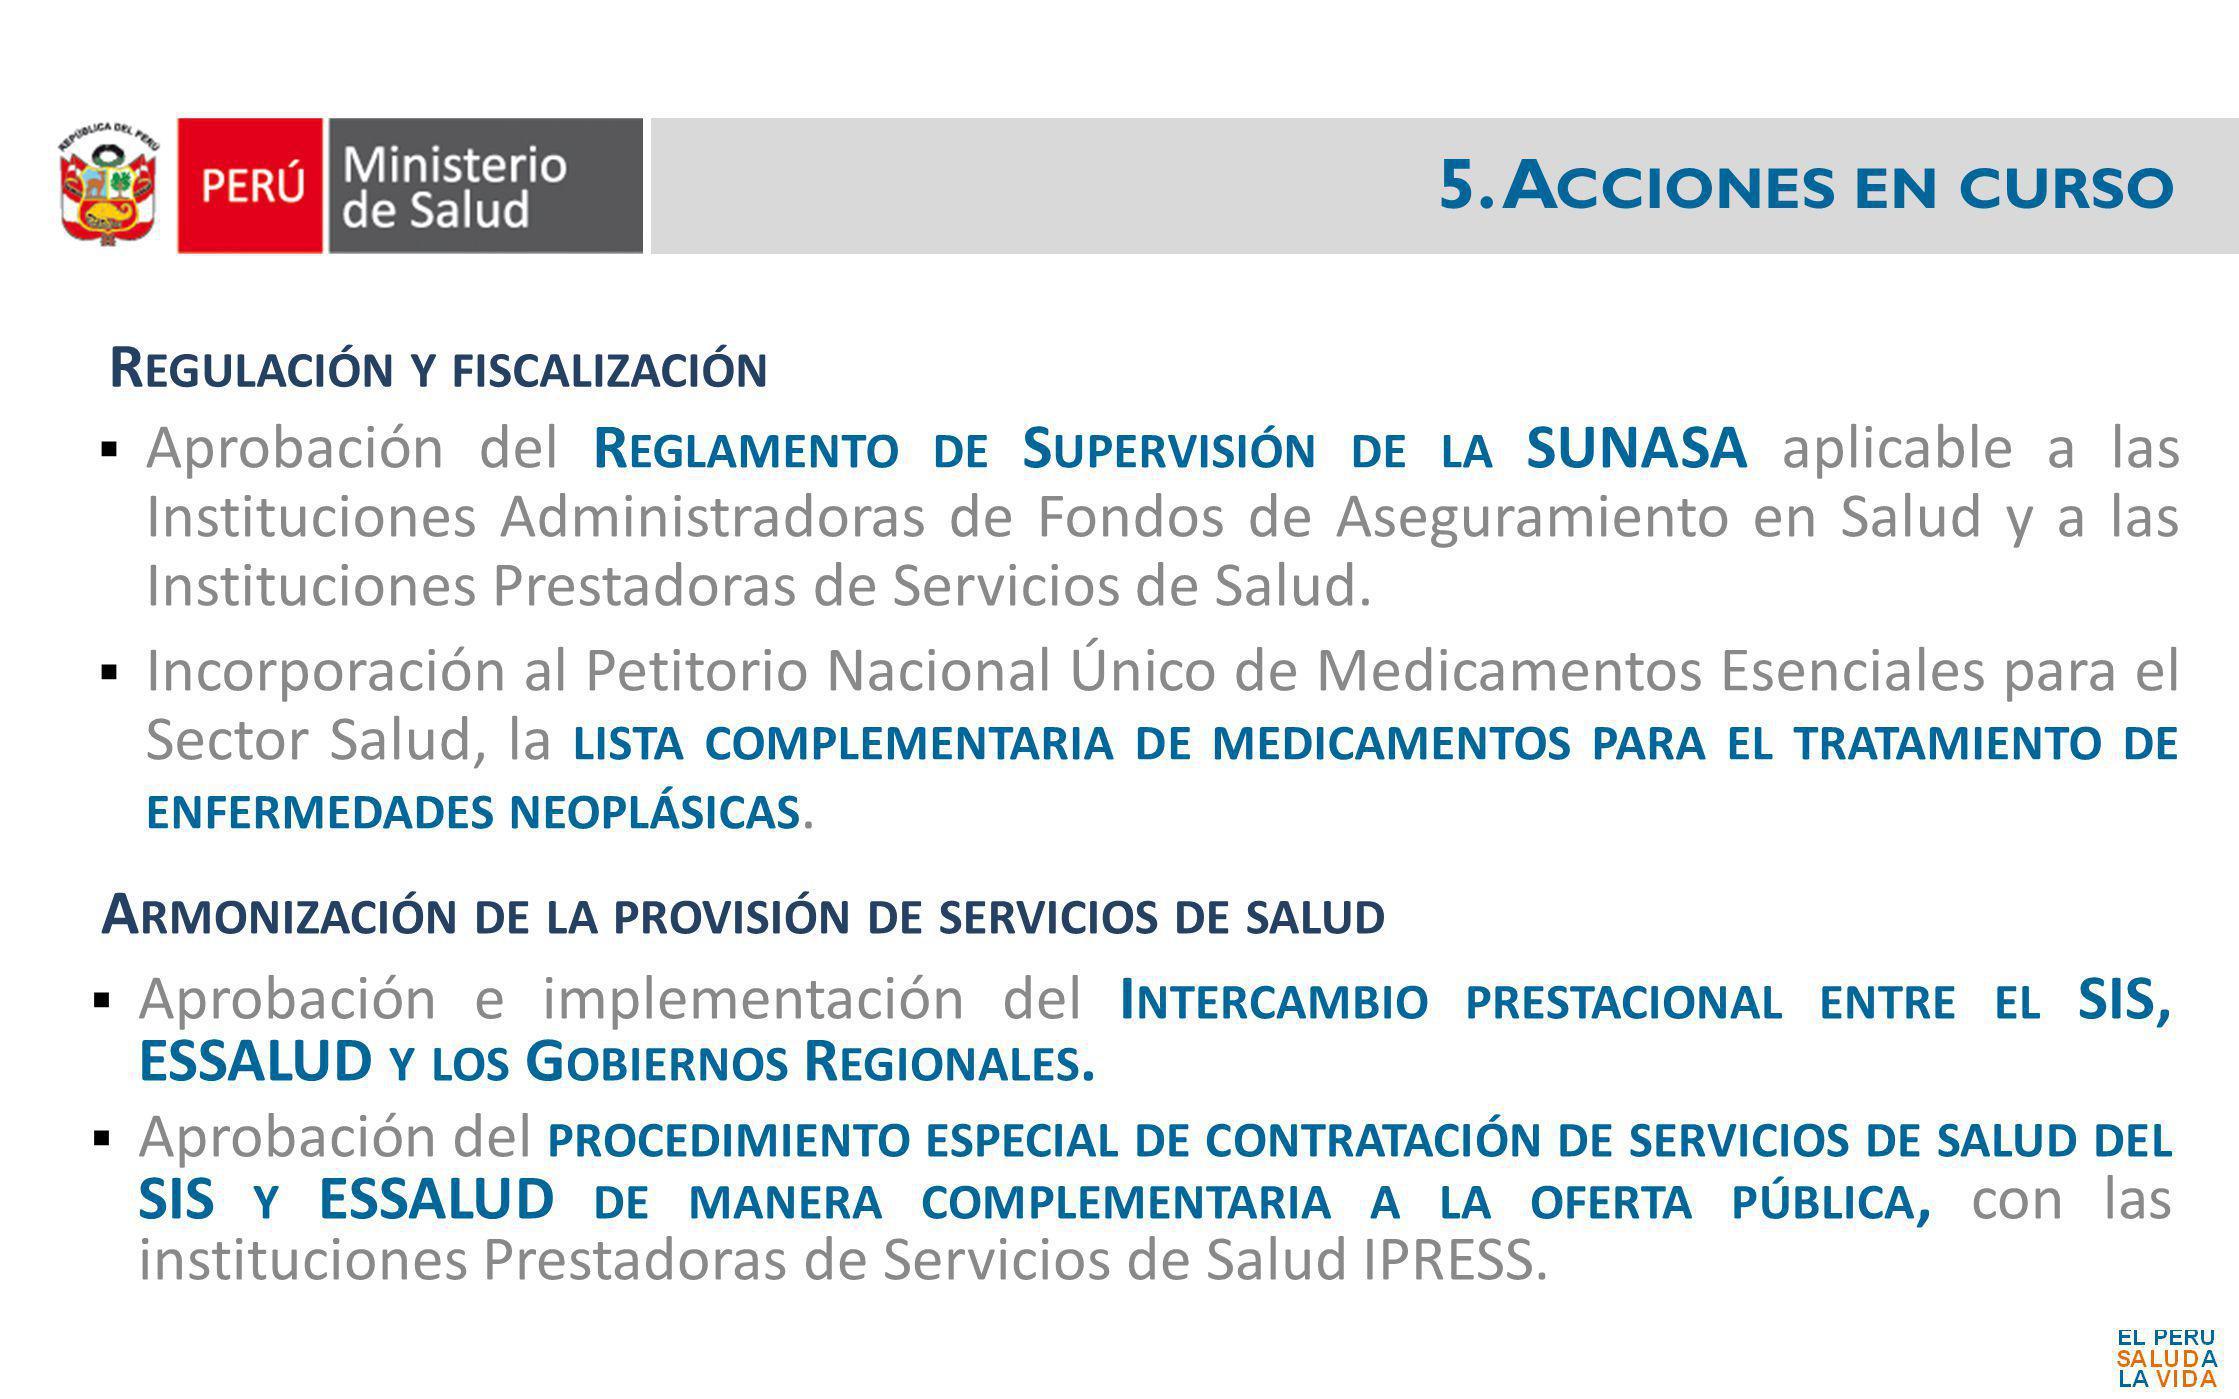 Aprobación del R EGLAMENTO DE S UPERVISIÓN DE LA SUNASA aplicable a las Instituciones Administradoras de Fondos de Aseguramiento en Salud y a las Inst